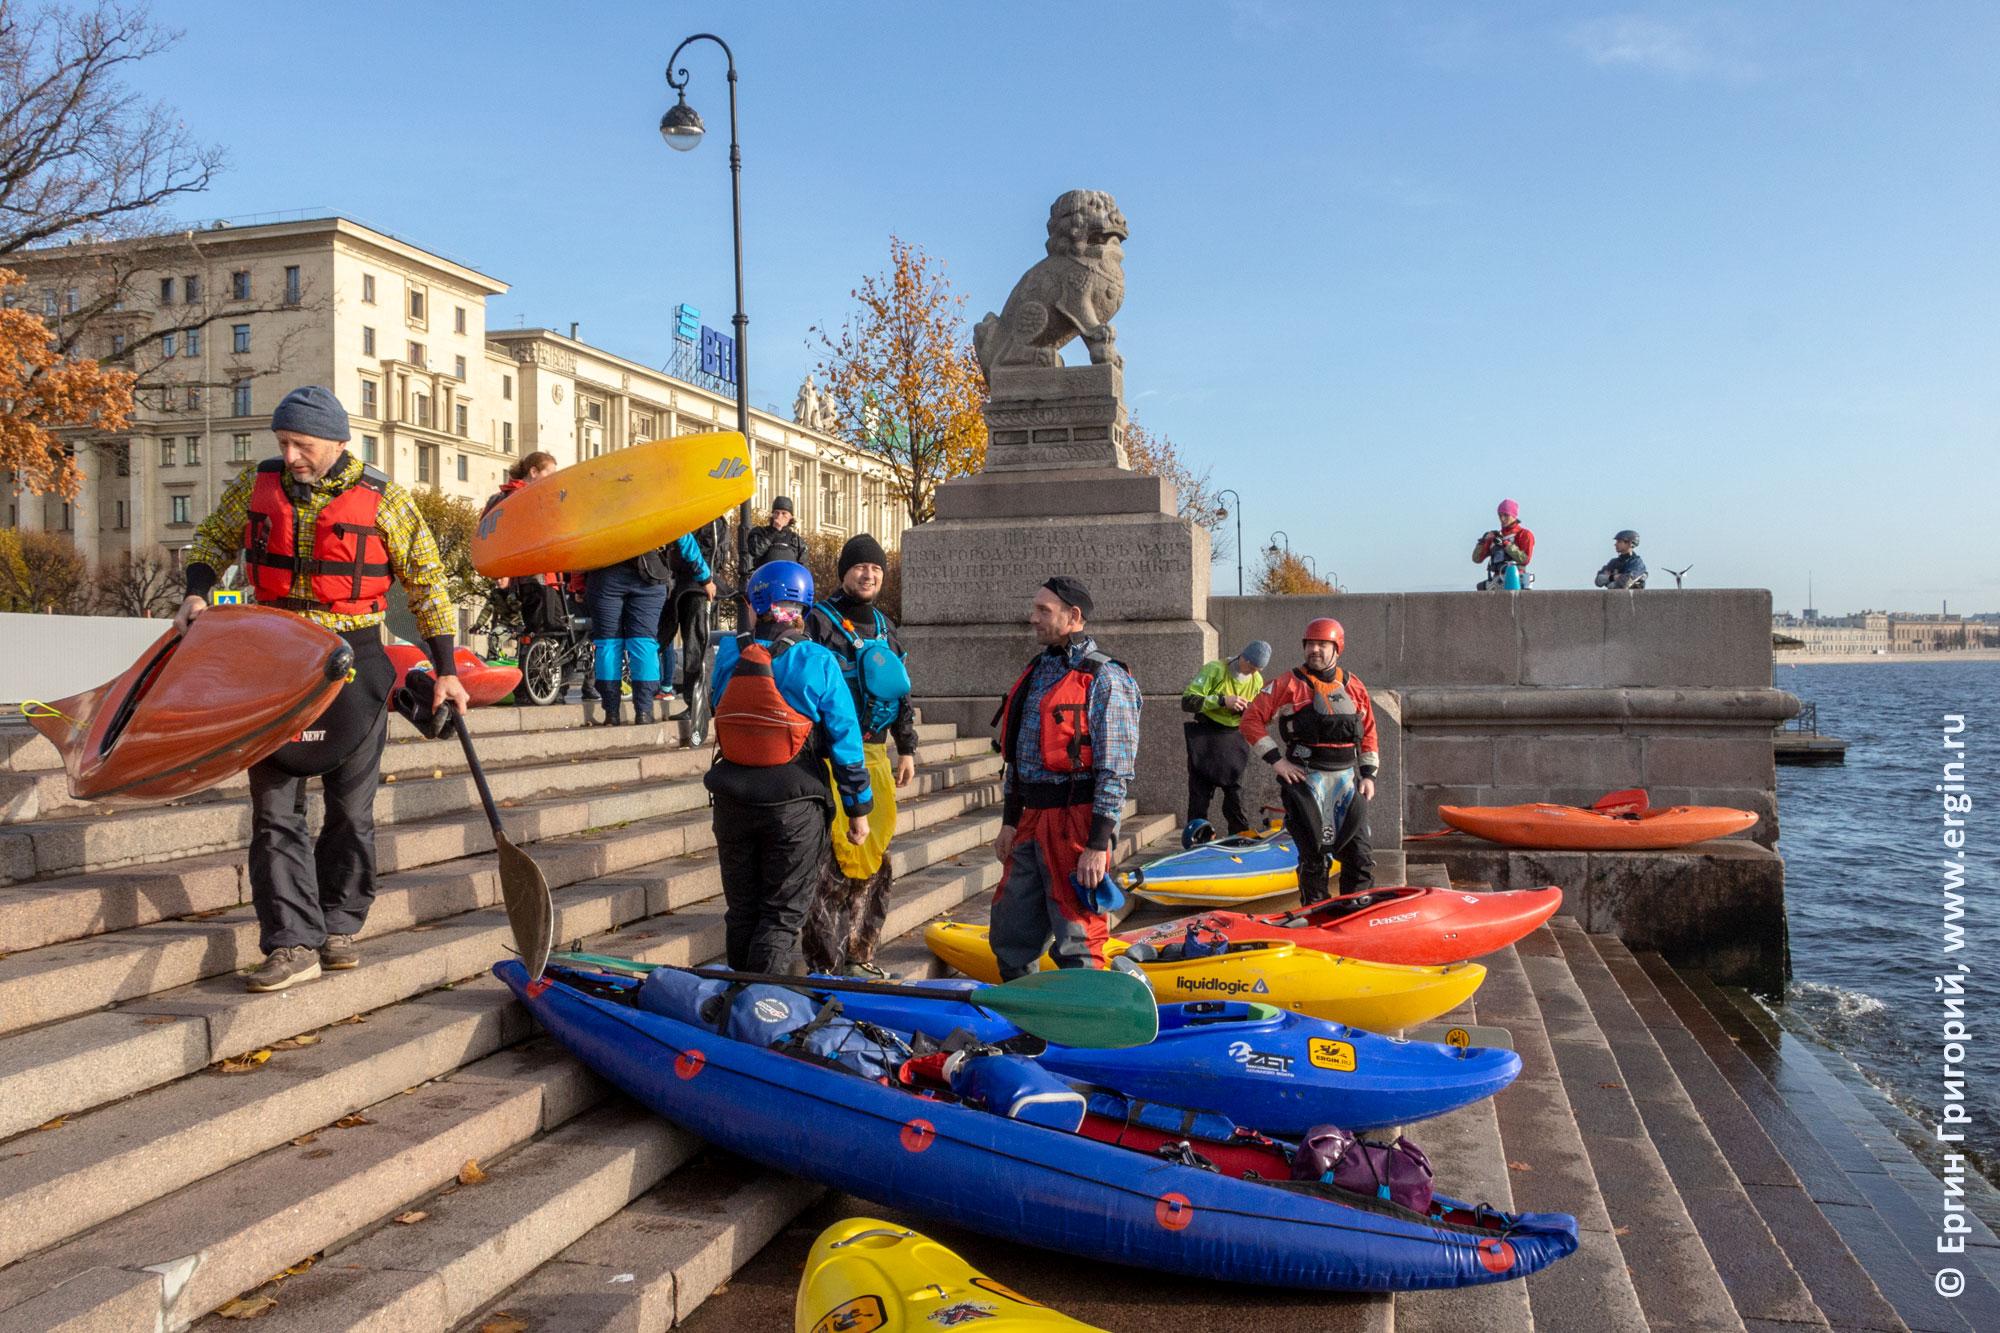 Каяки и байдарки на ступенях набережной Невы в СПб